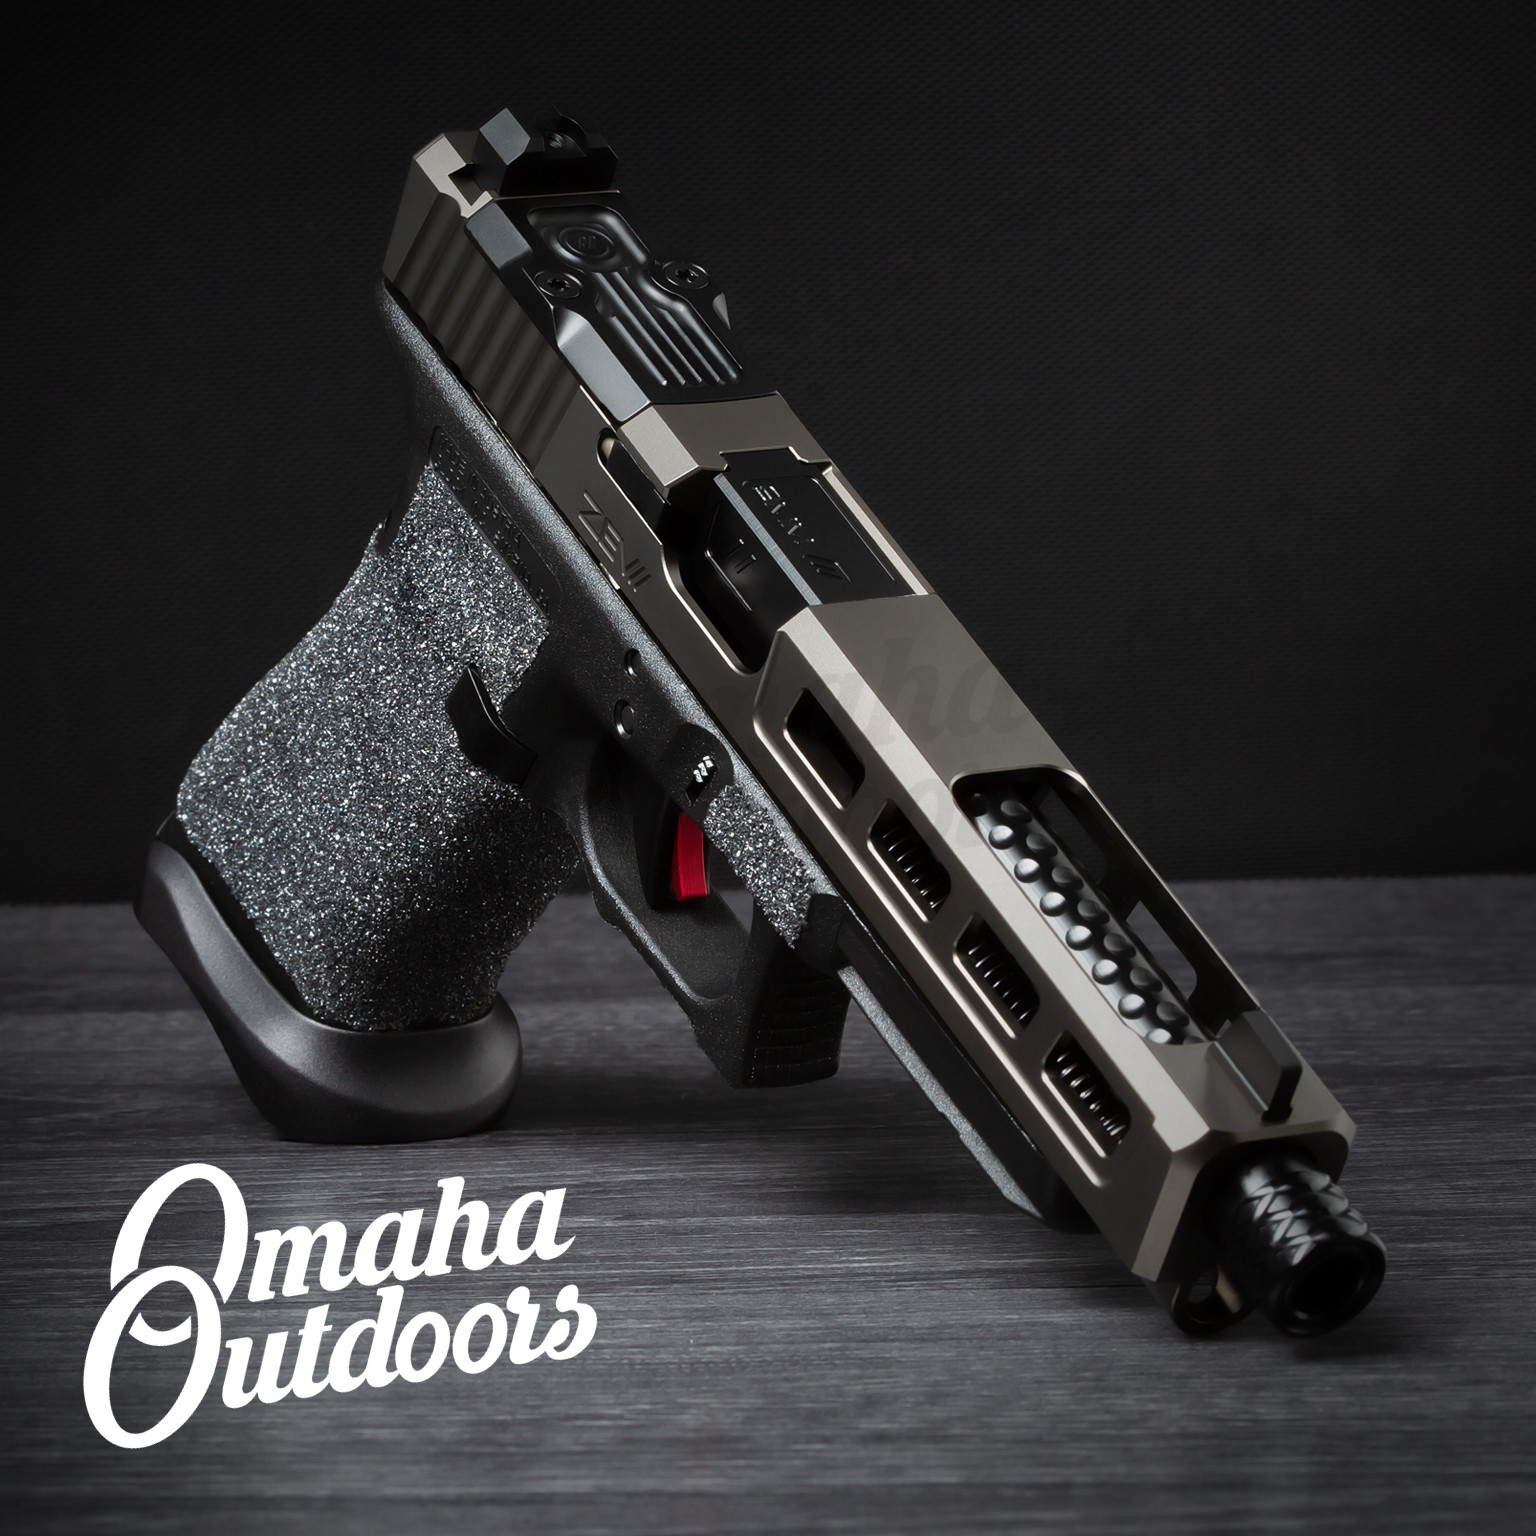 ZEV Tech Glock 34 Gen 3 Dragonfly Pistol 9mm Space Gray Slide 17 RD  Threaded Barrel GUN-3G-G34-DFLY-GRY-TH